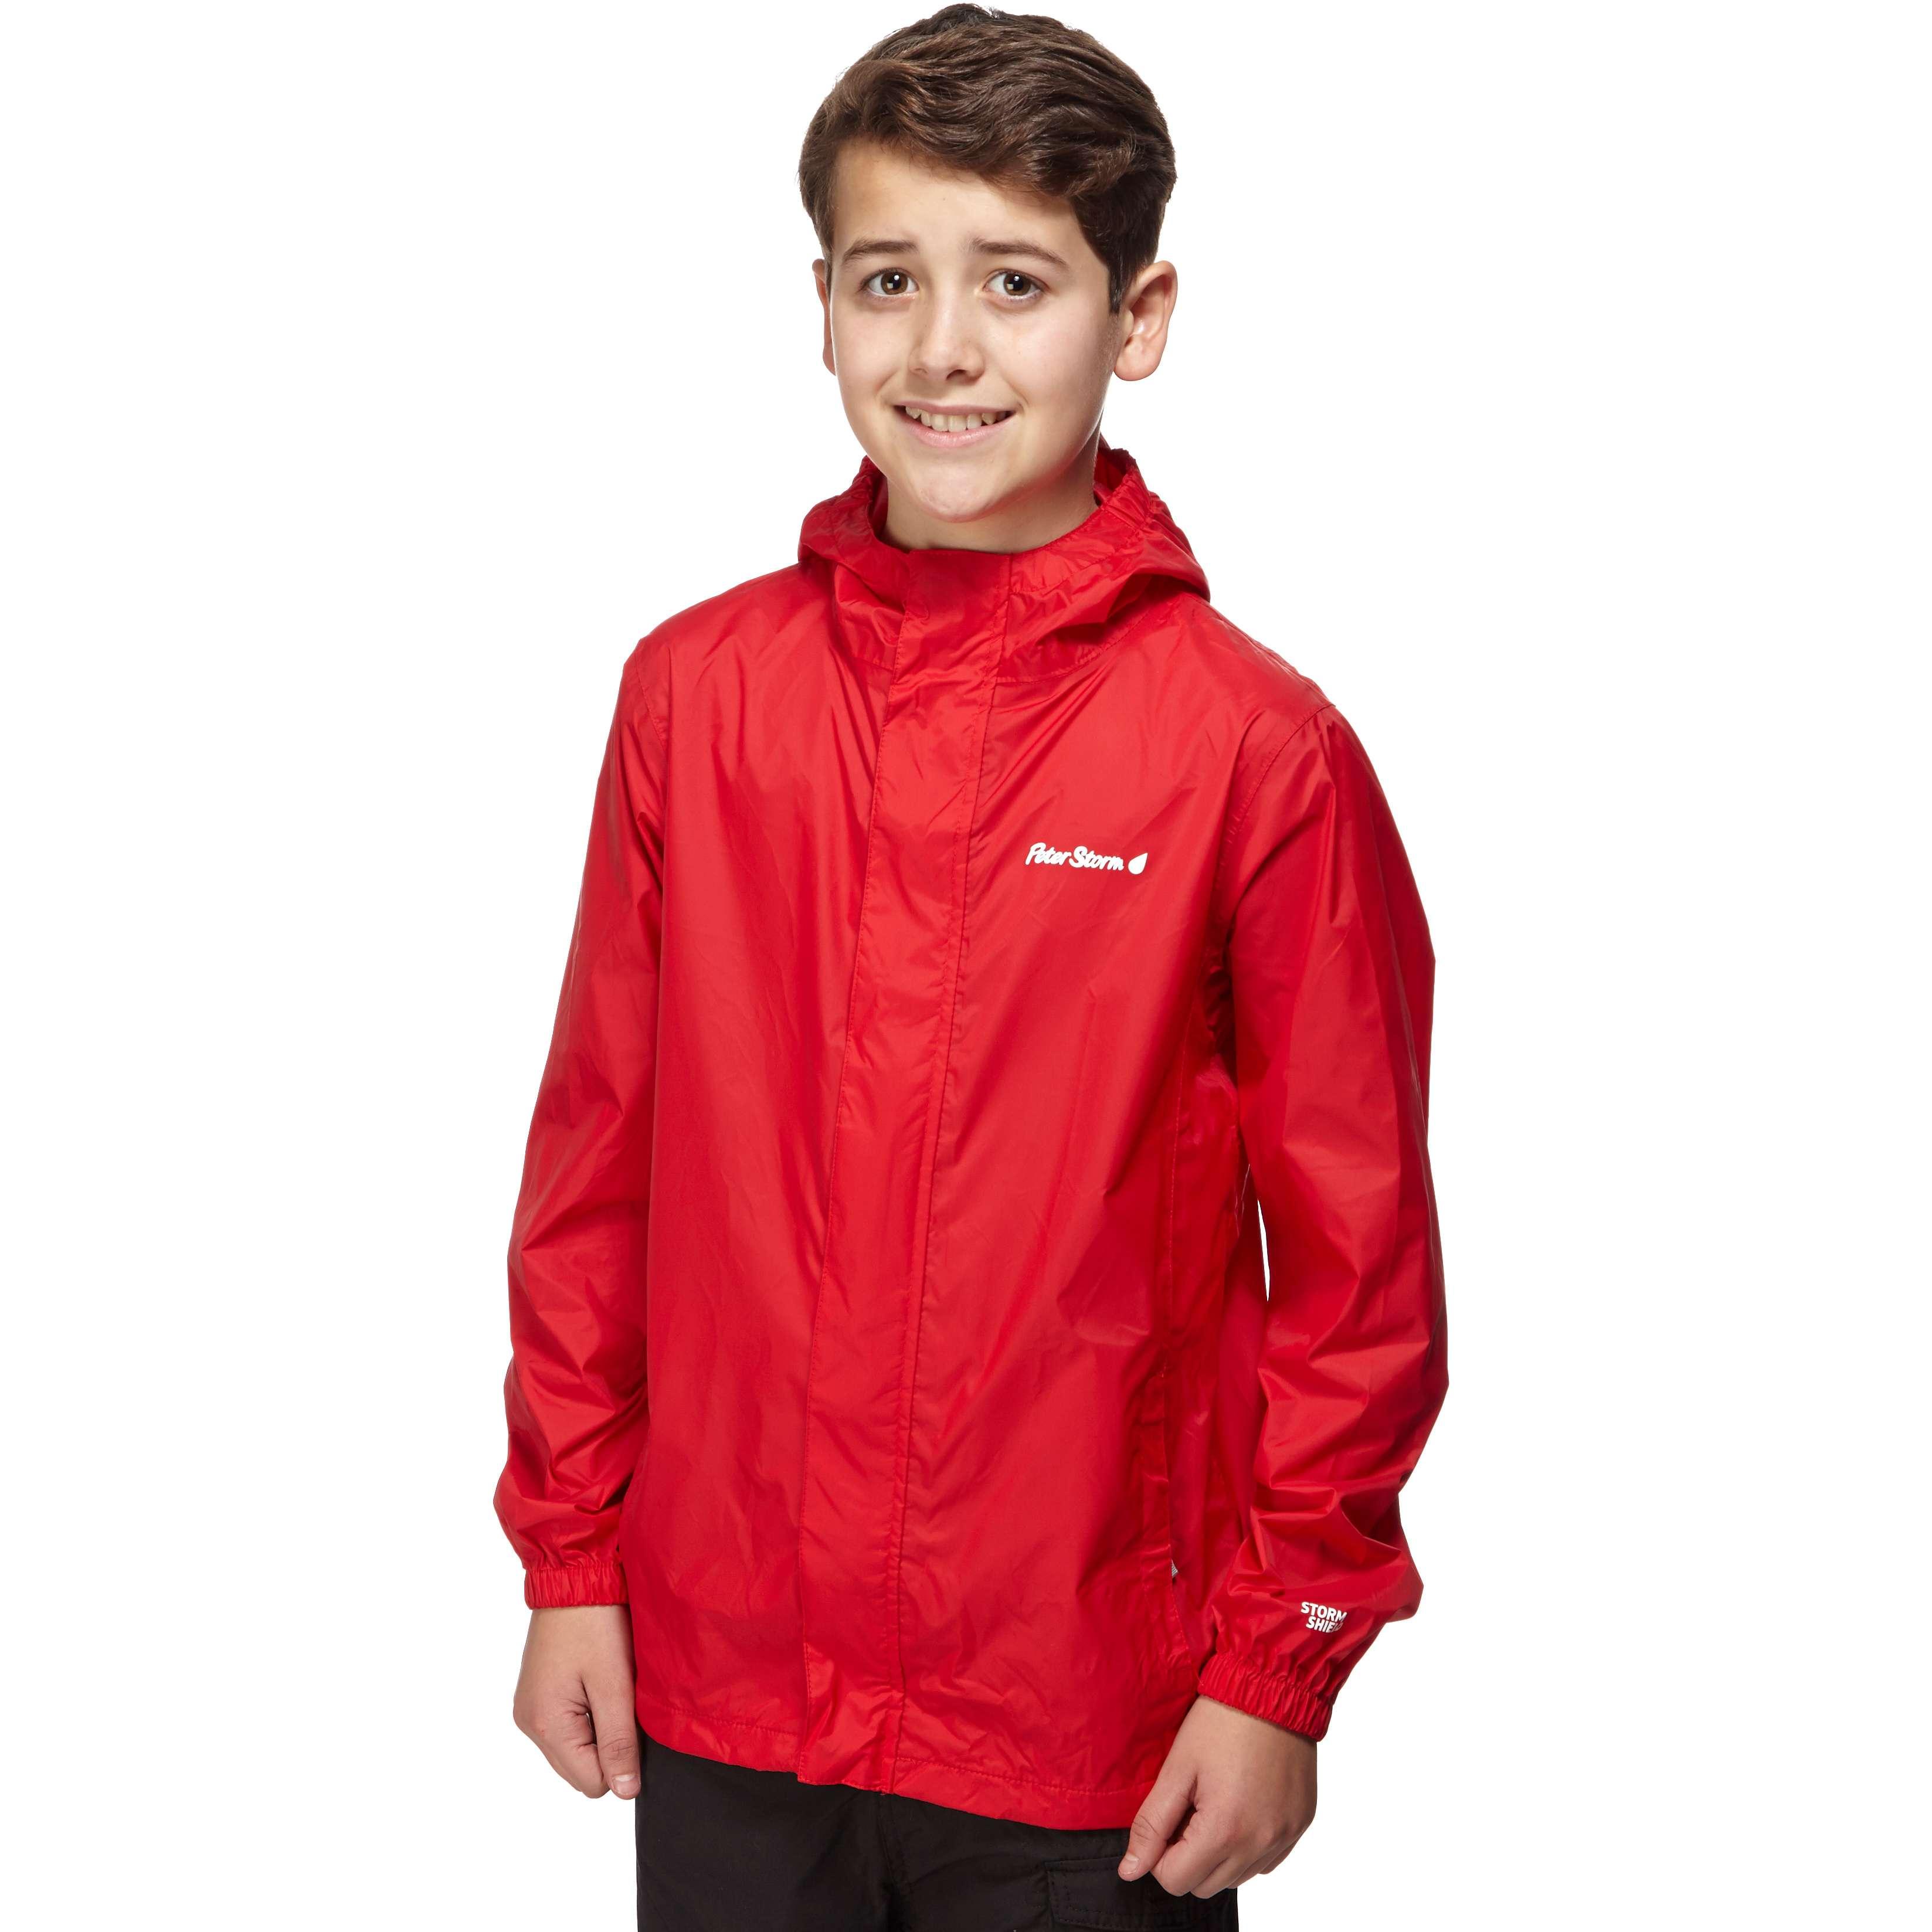 PETER STORM Boys' Packable Waterproof Jacket